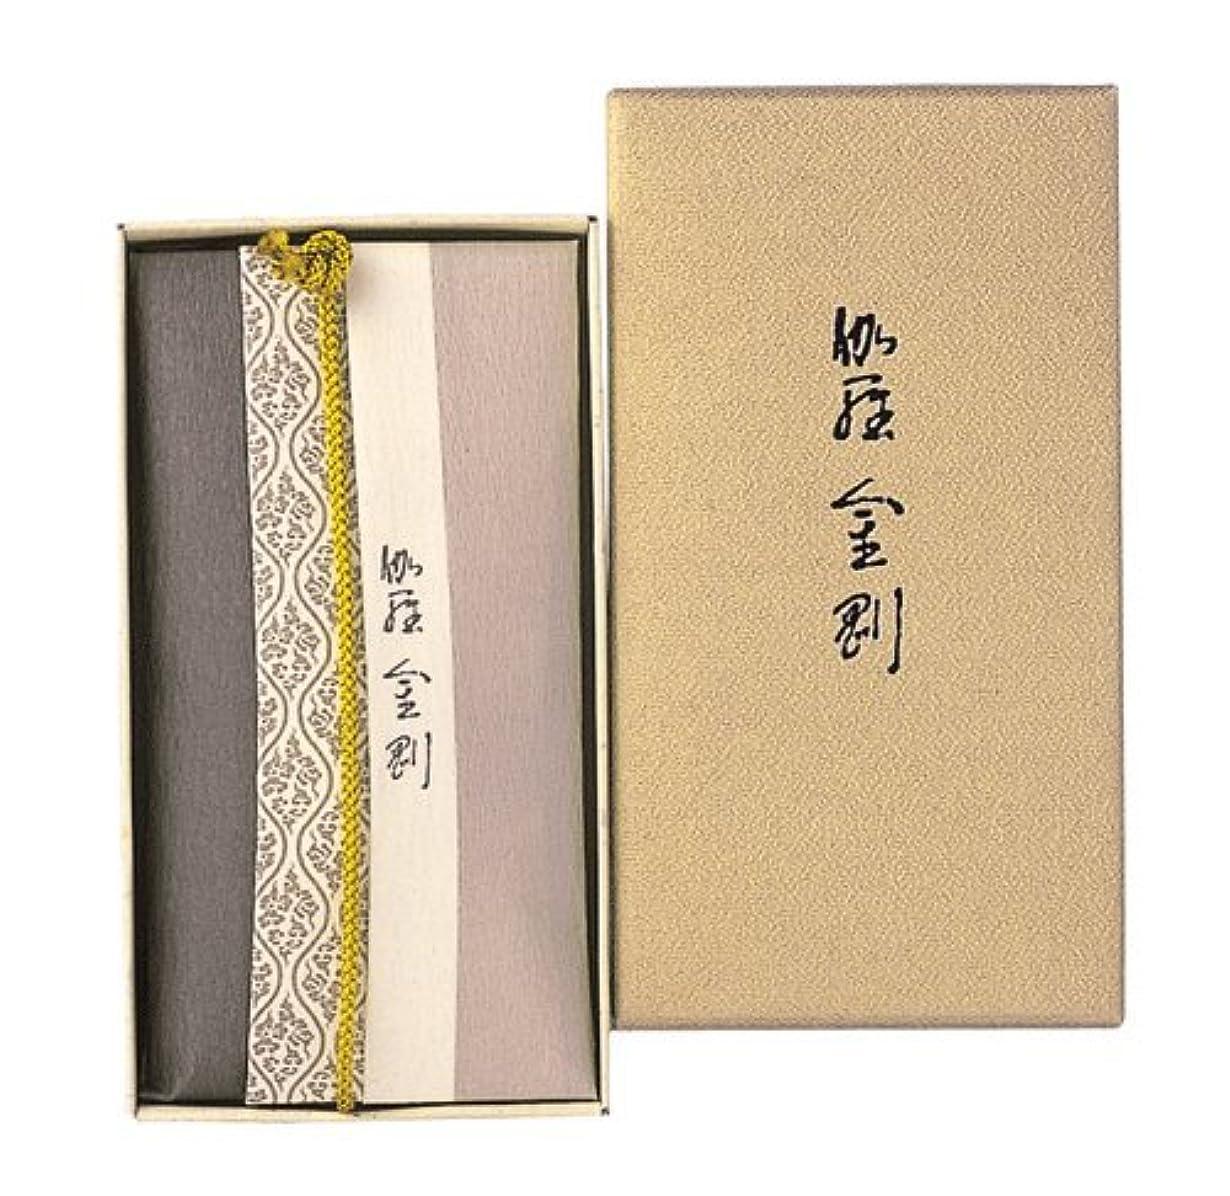 香木の香りのお香 伽羅金剛 コーン24個入